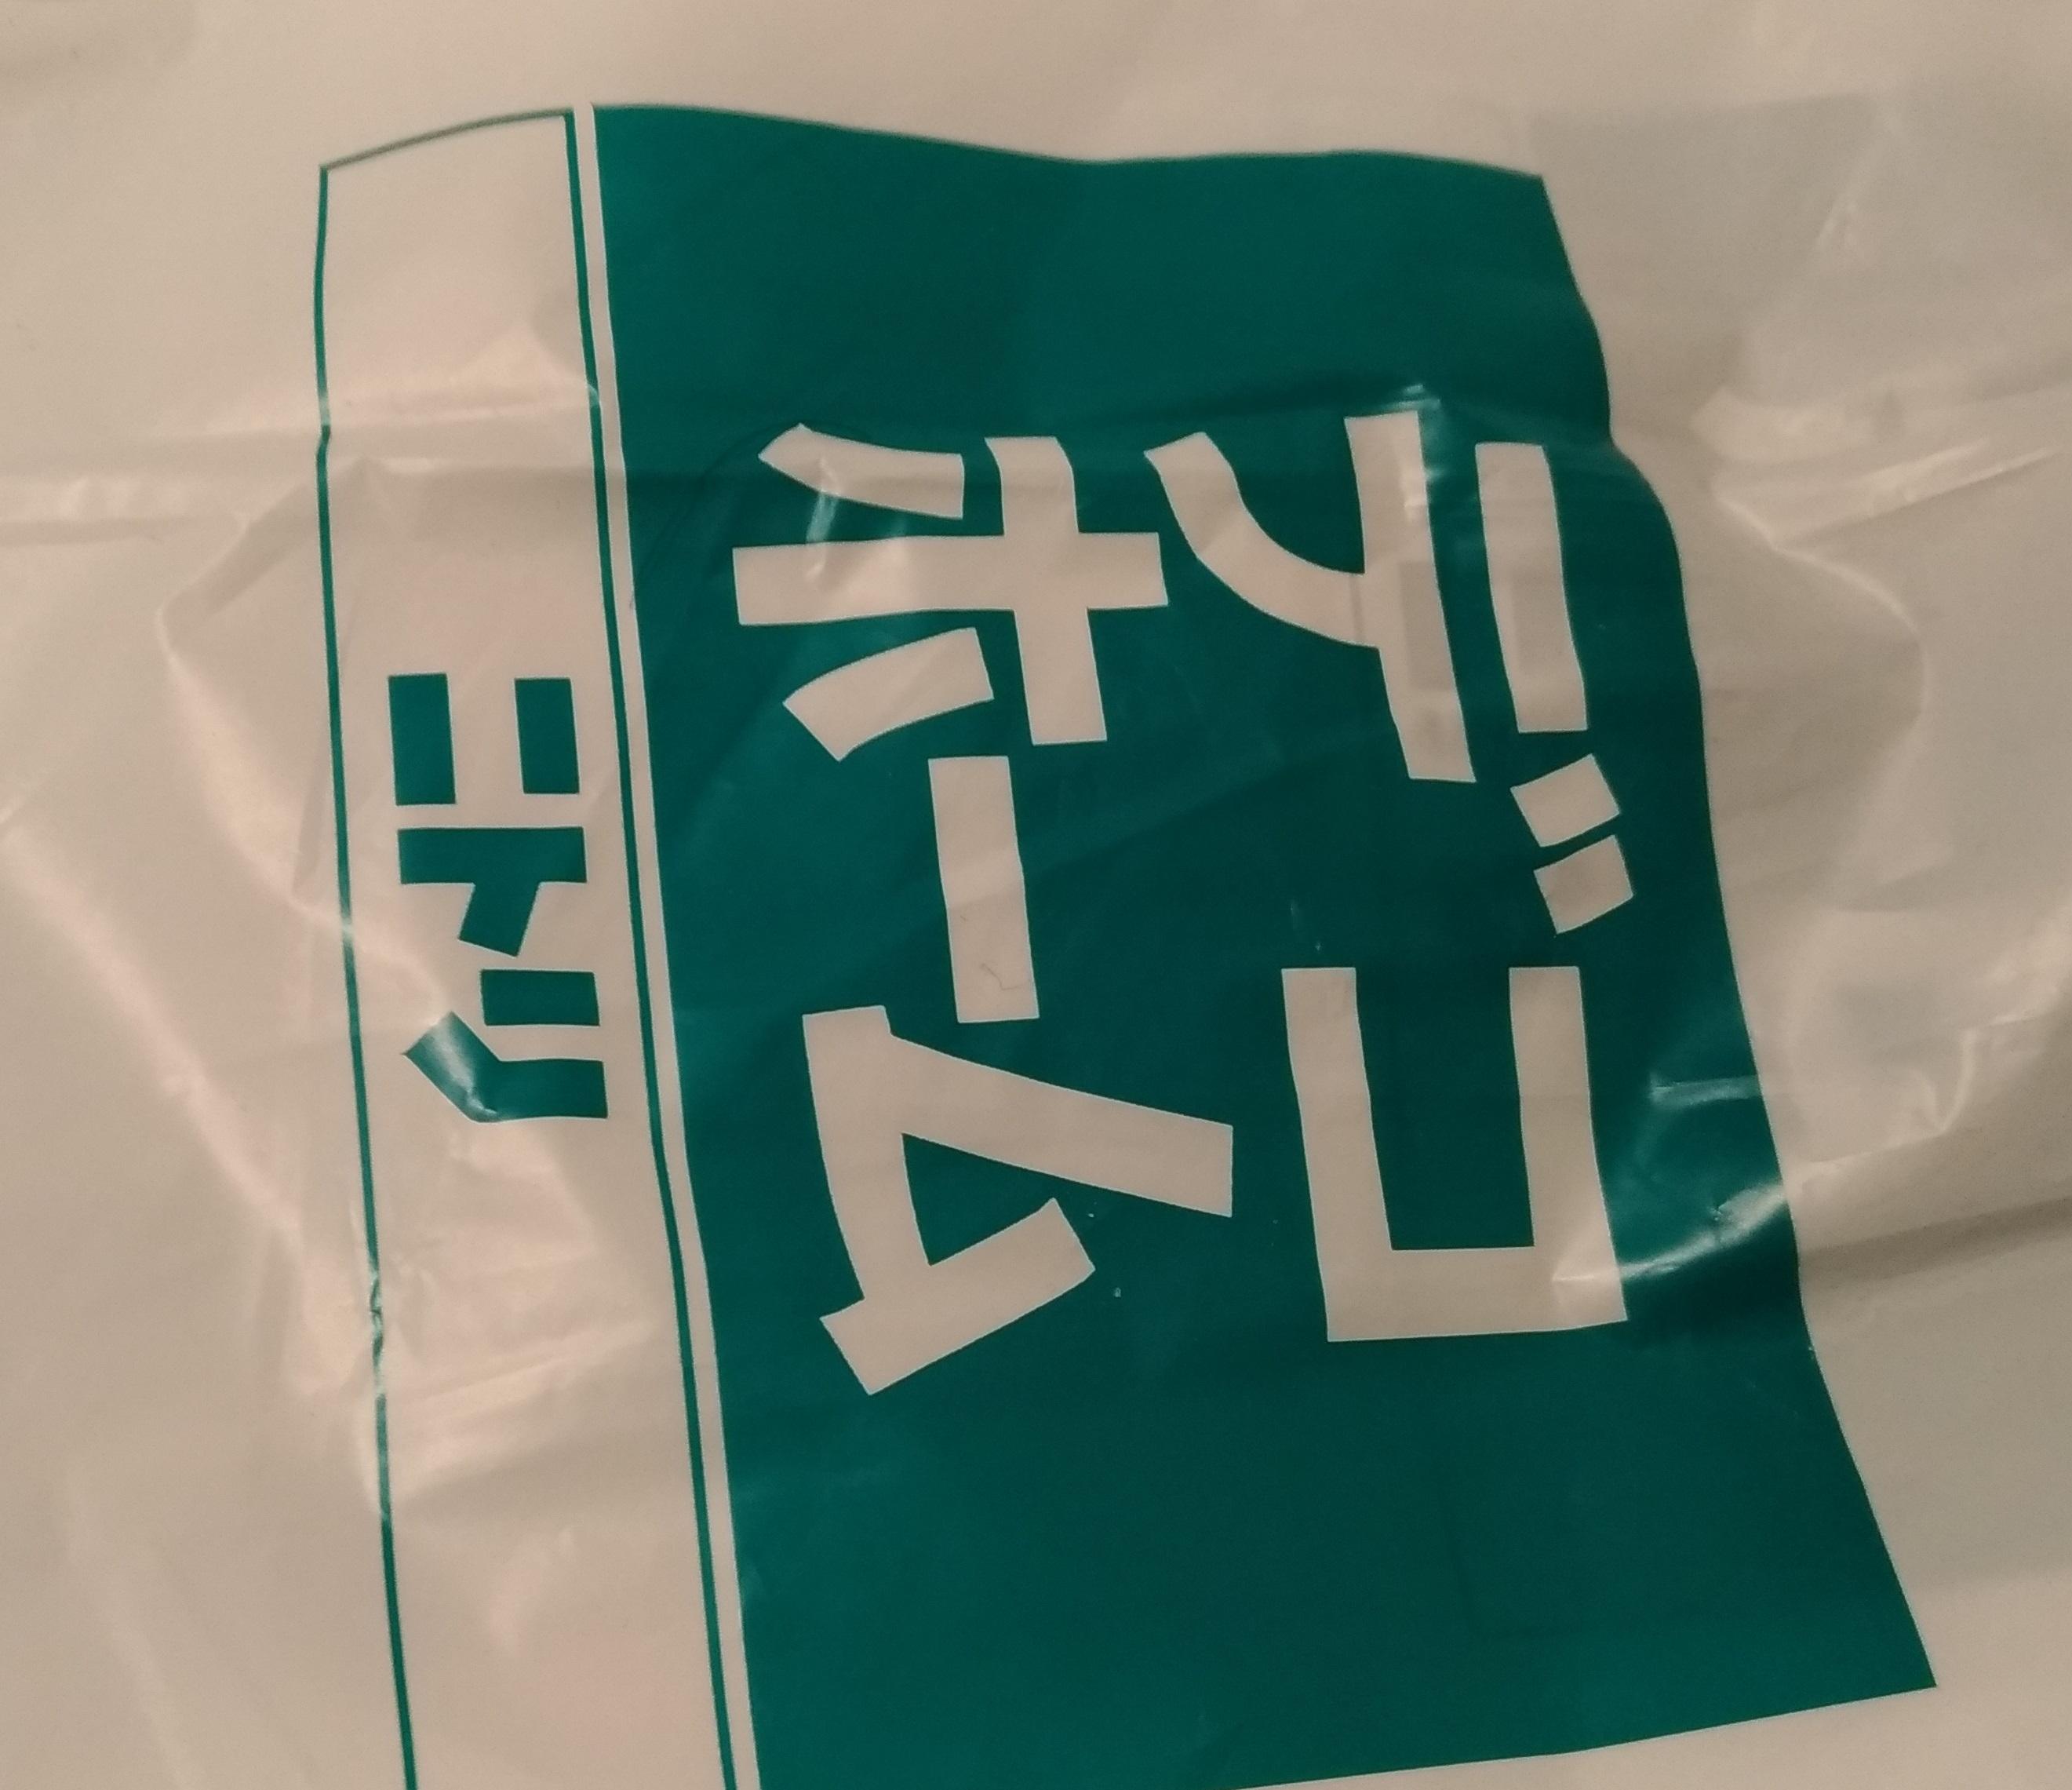 curtain_nitori_osaka_umeda1.jpg